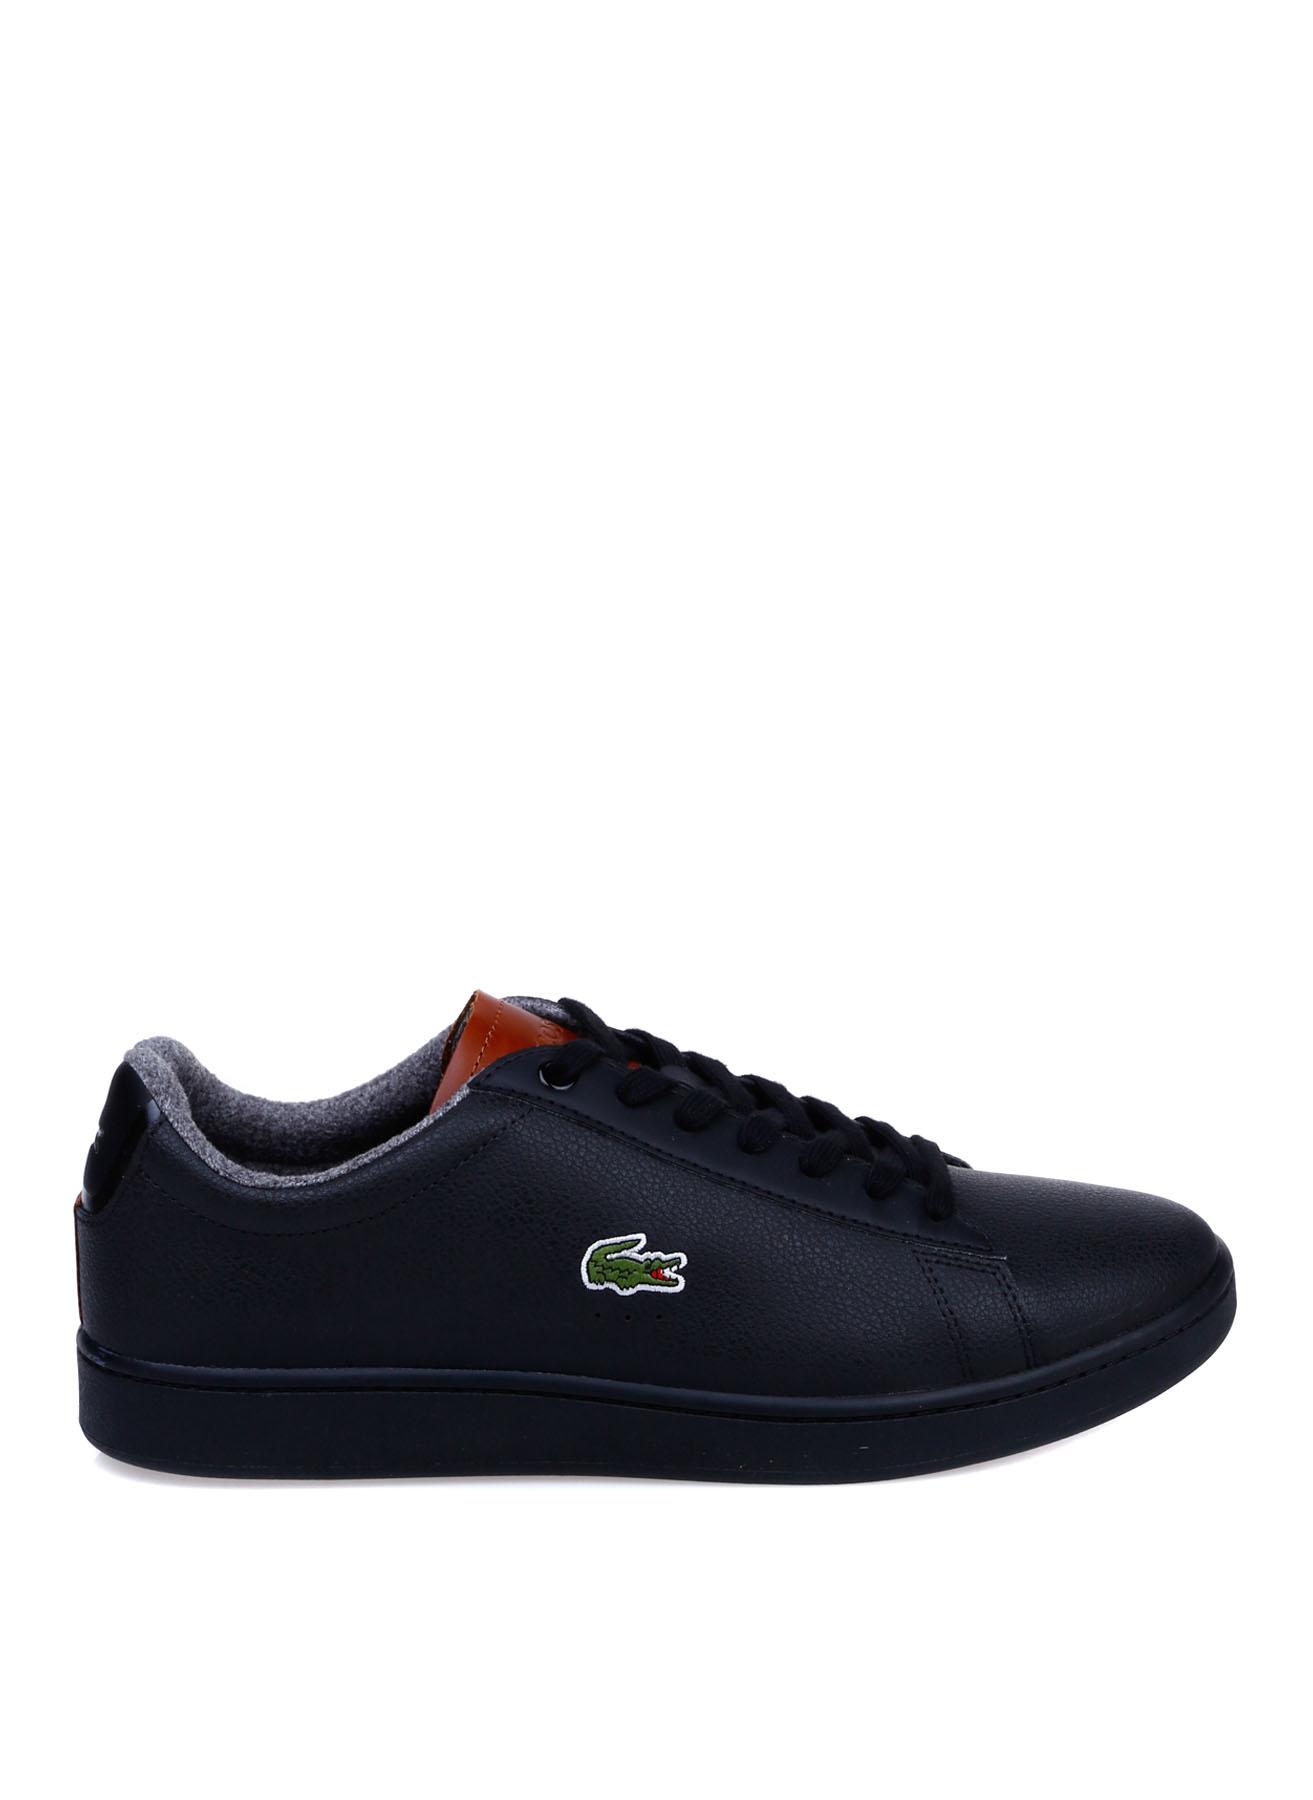 Lacoste Erkek Deri Siyah Lifestyle Ayakkabı 41 5002314247003 Ürün Resmi